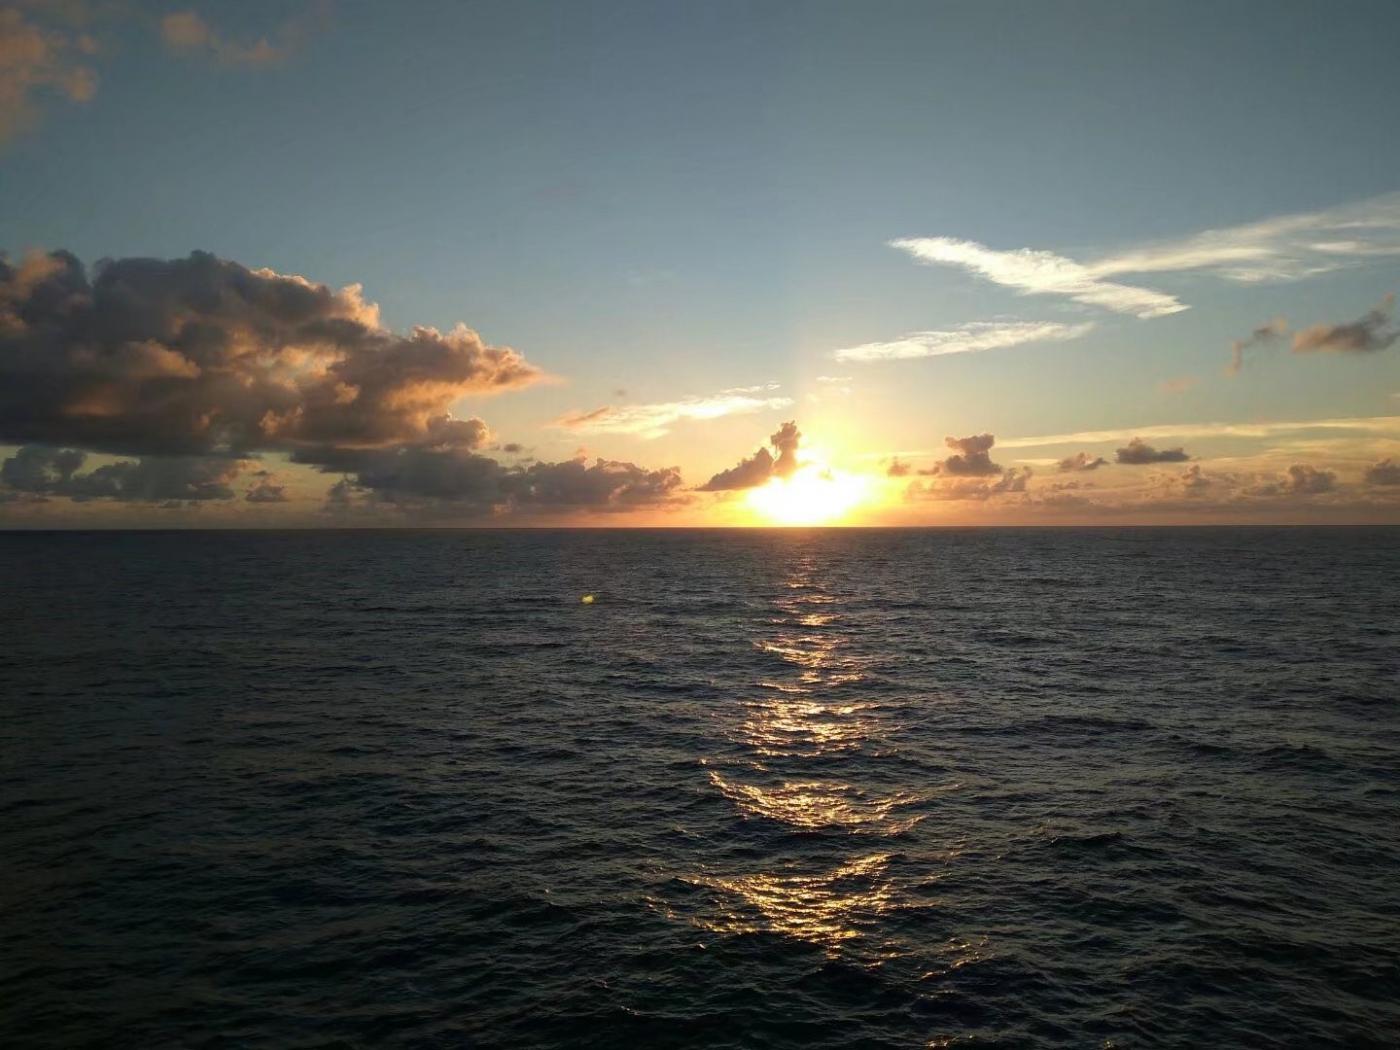 加勒比海日出(圖)_圖1-18